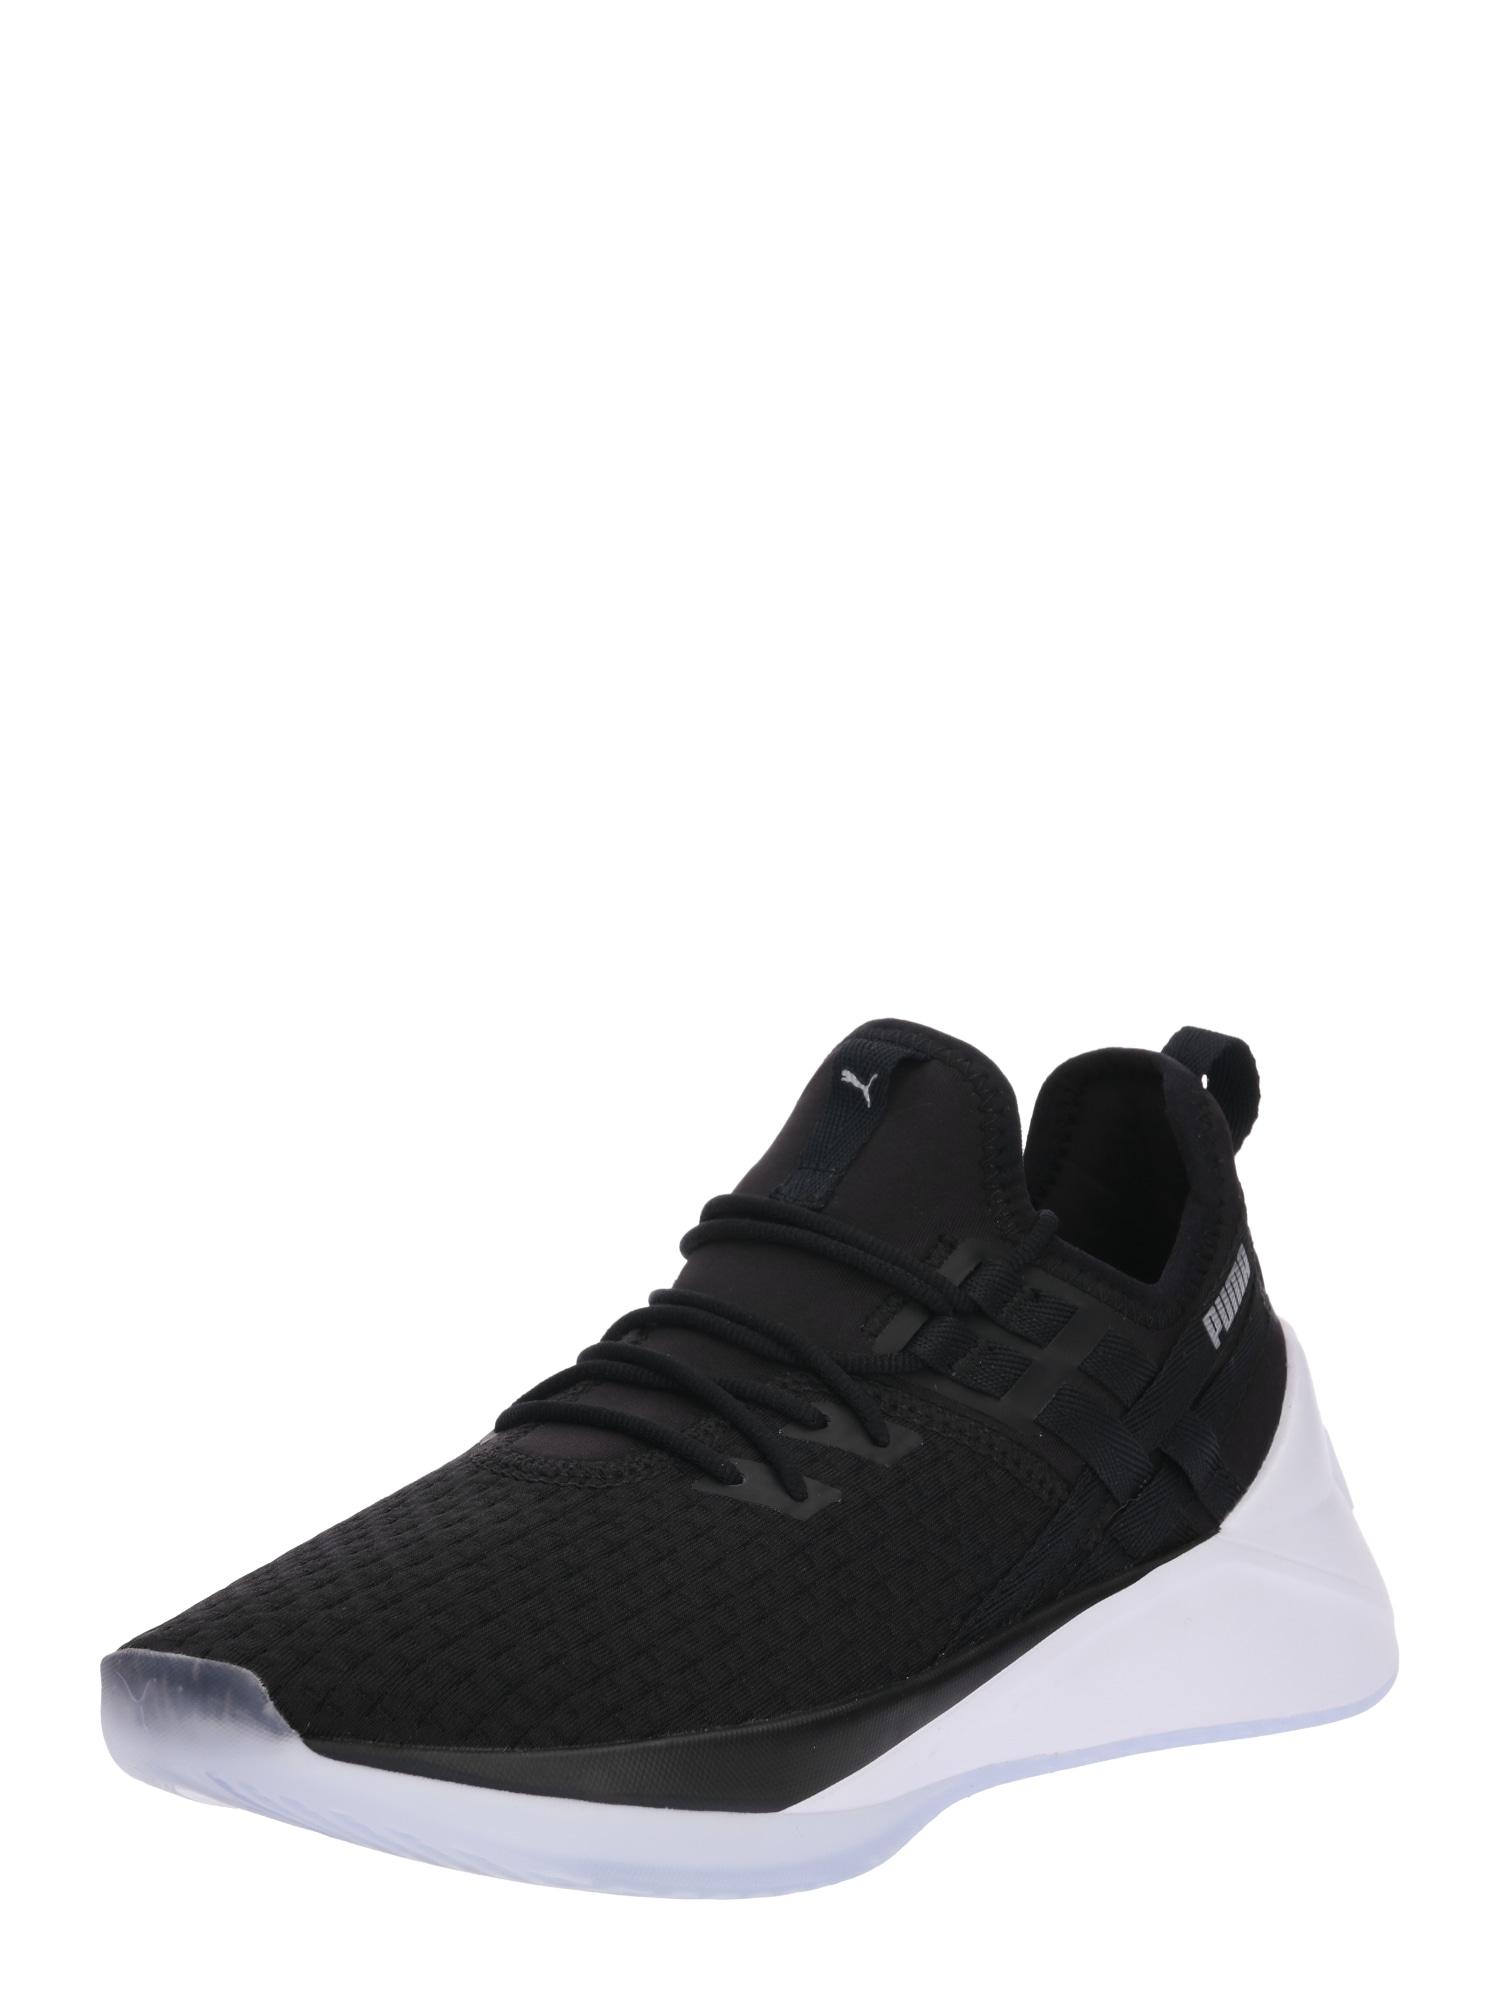 Sportovní boty Jaab XT černá bílá PUMA